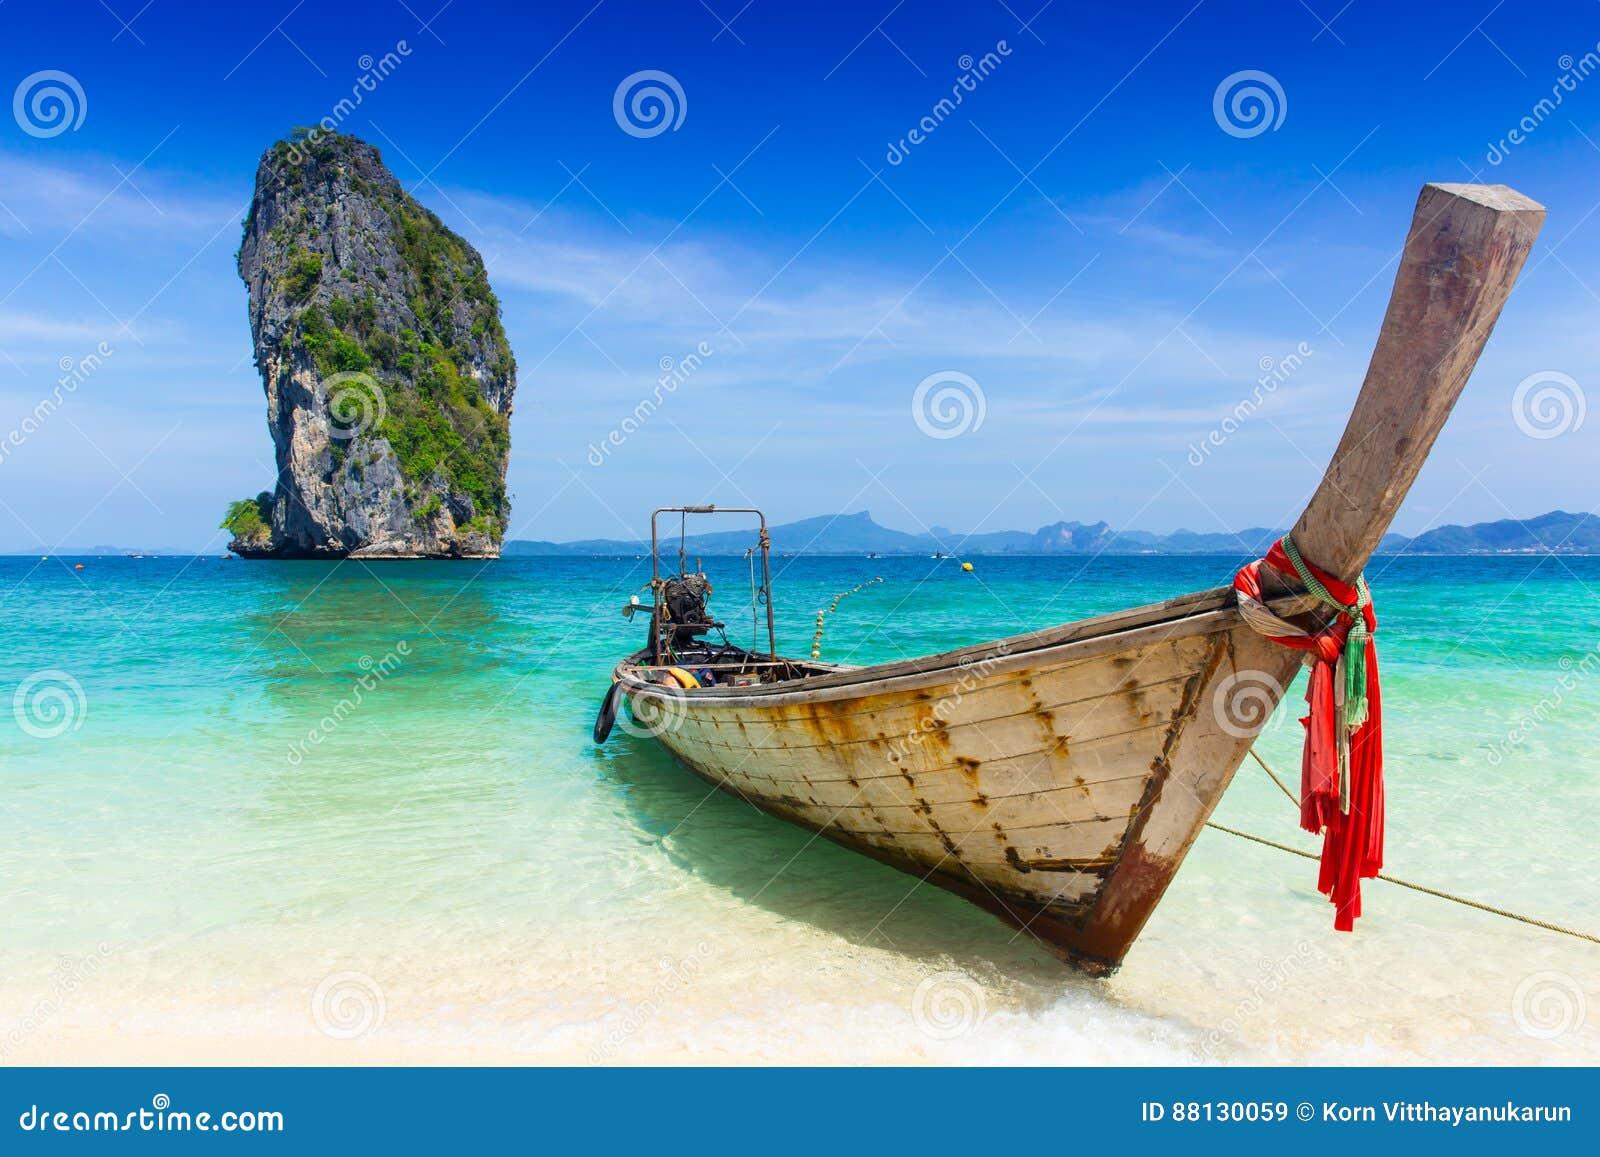 Tajlandia lata podróży morze, Tajlandzka stara drewniana łódź przy morze plaży Krabi Phi Phi wyspą Phuket